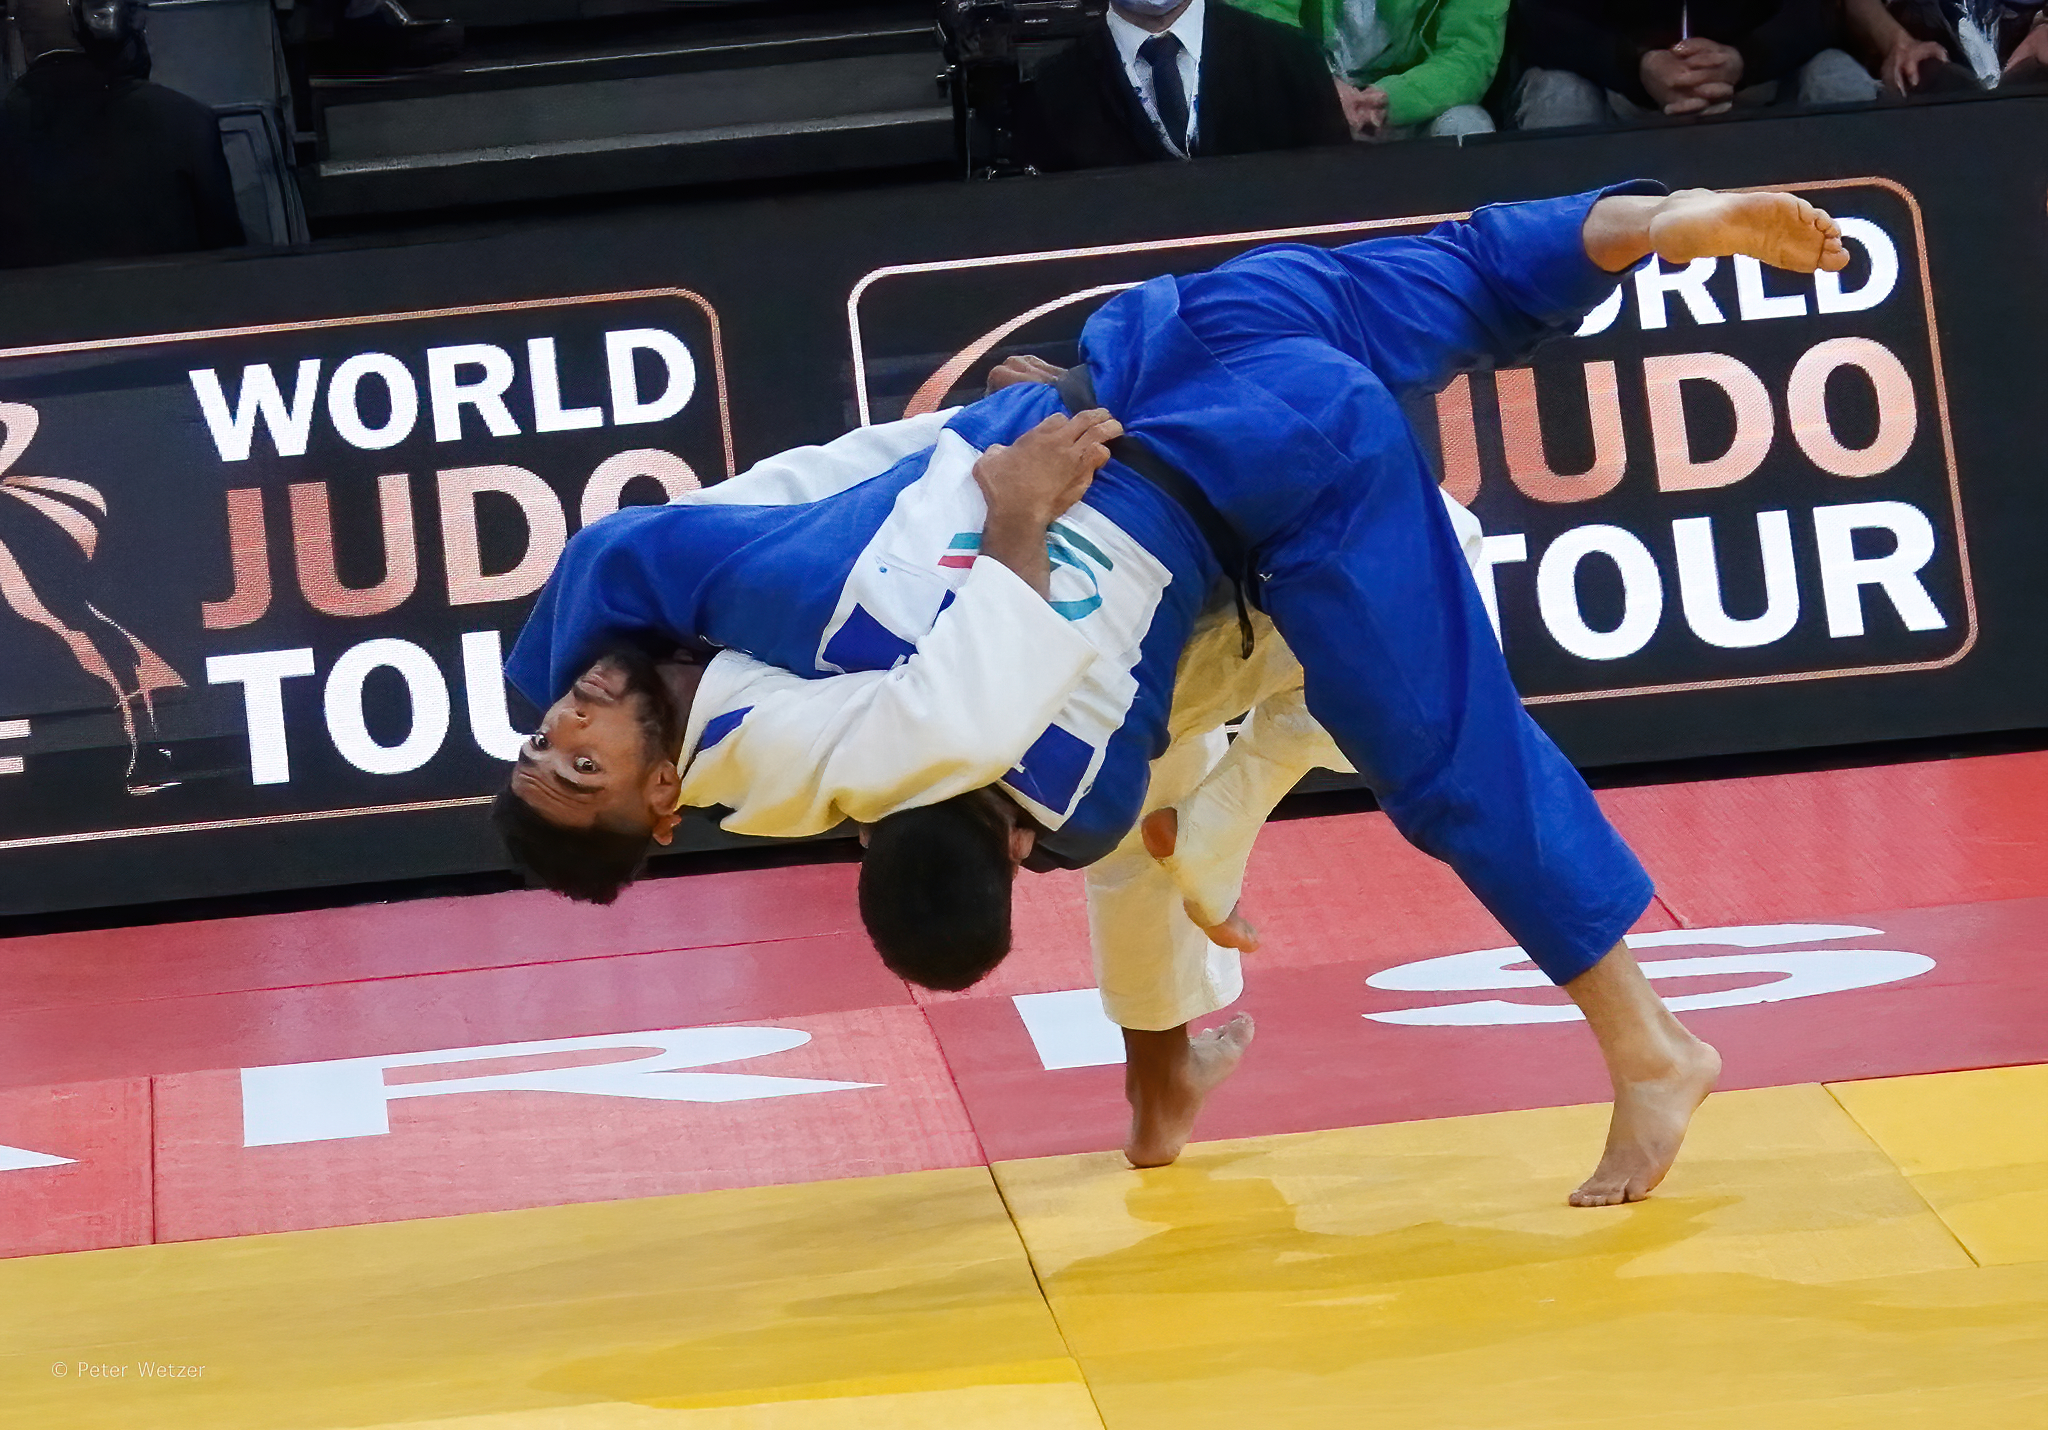 16-17.10.2021: Paris Grand Slam 2021 & Parijs